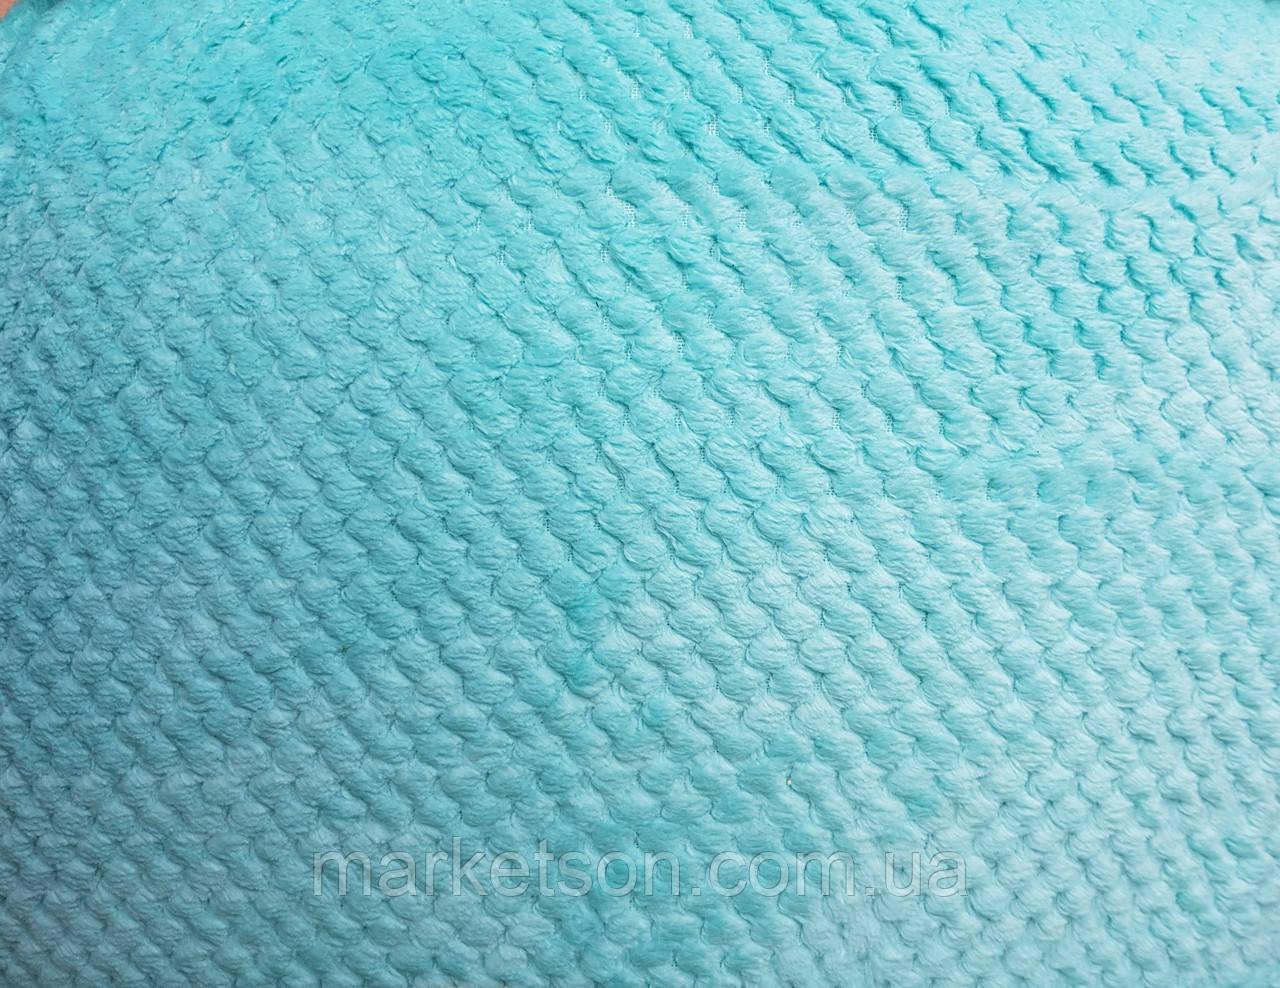 Простынь махровая из бамбука 180*220. Голубой.